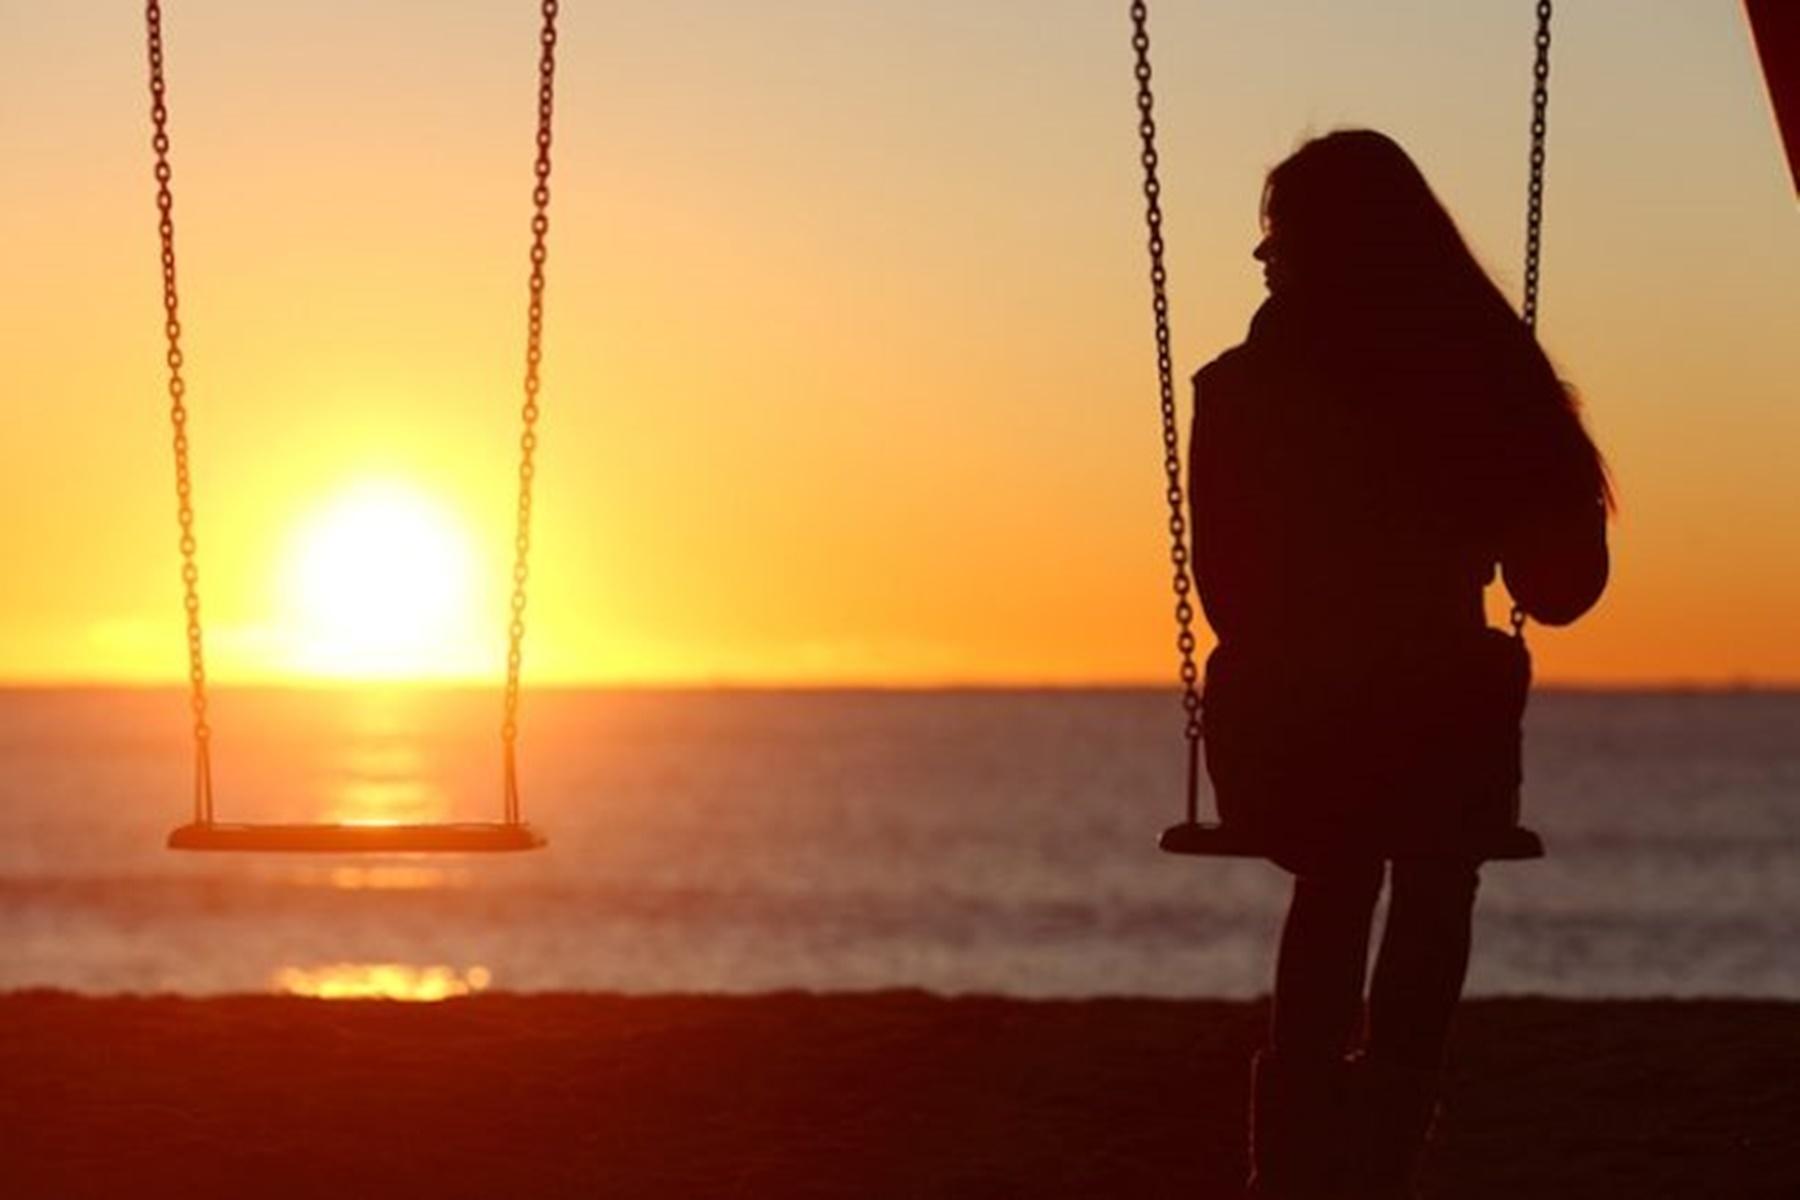 Μοναξιά : Δείτε πως επηρεάζει την ψυχική υγεία